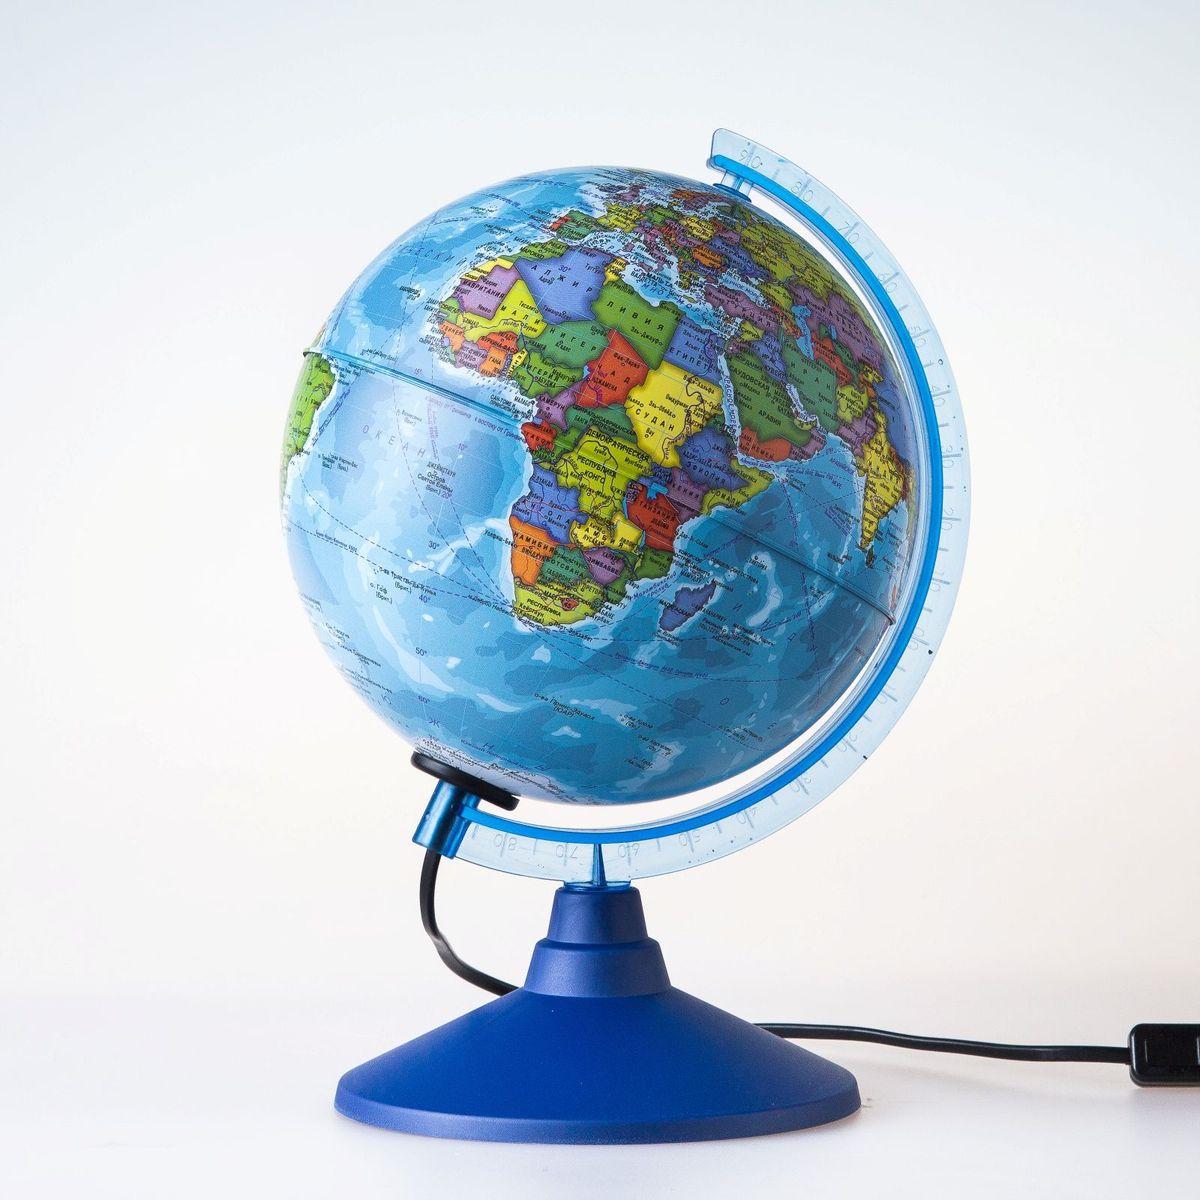 Глобен Глобус политический Классик Евро с подсветкой диаметр 15 см -  Канцтовары и организация рабочего места